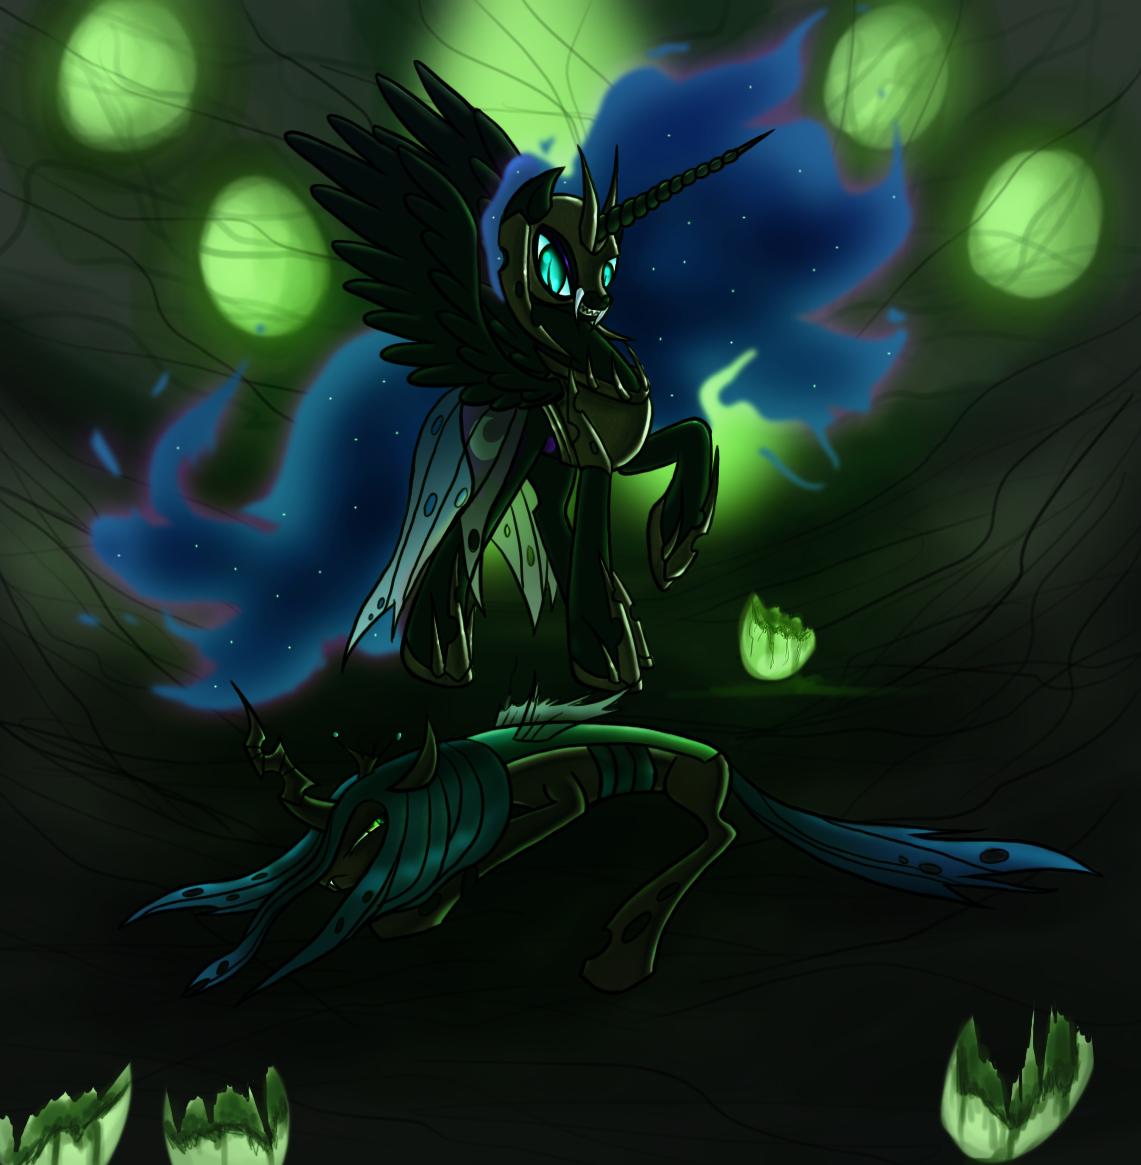 nightmare moon, queen